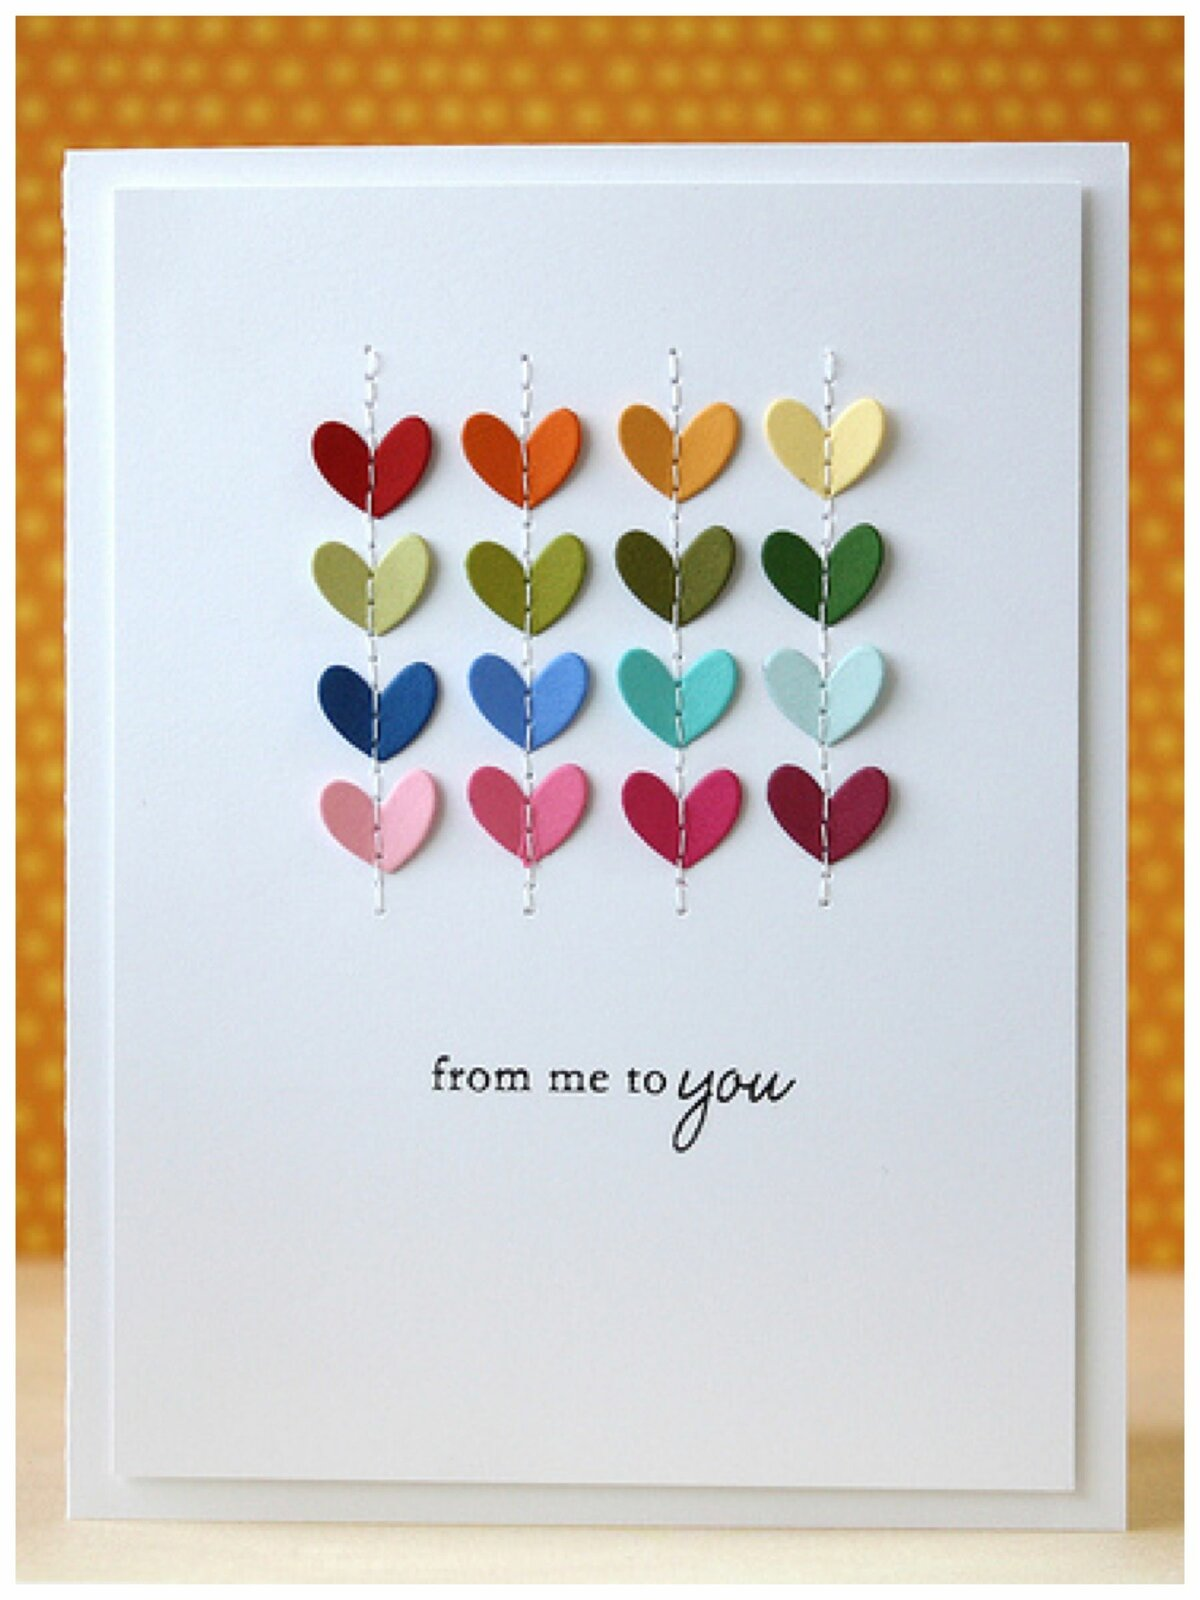 Новым, простые красивые открытки своими руками на день рождения